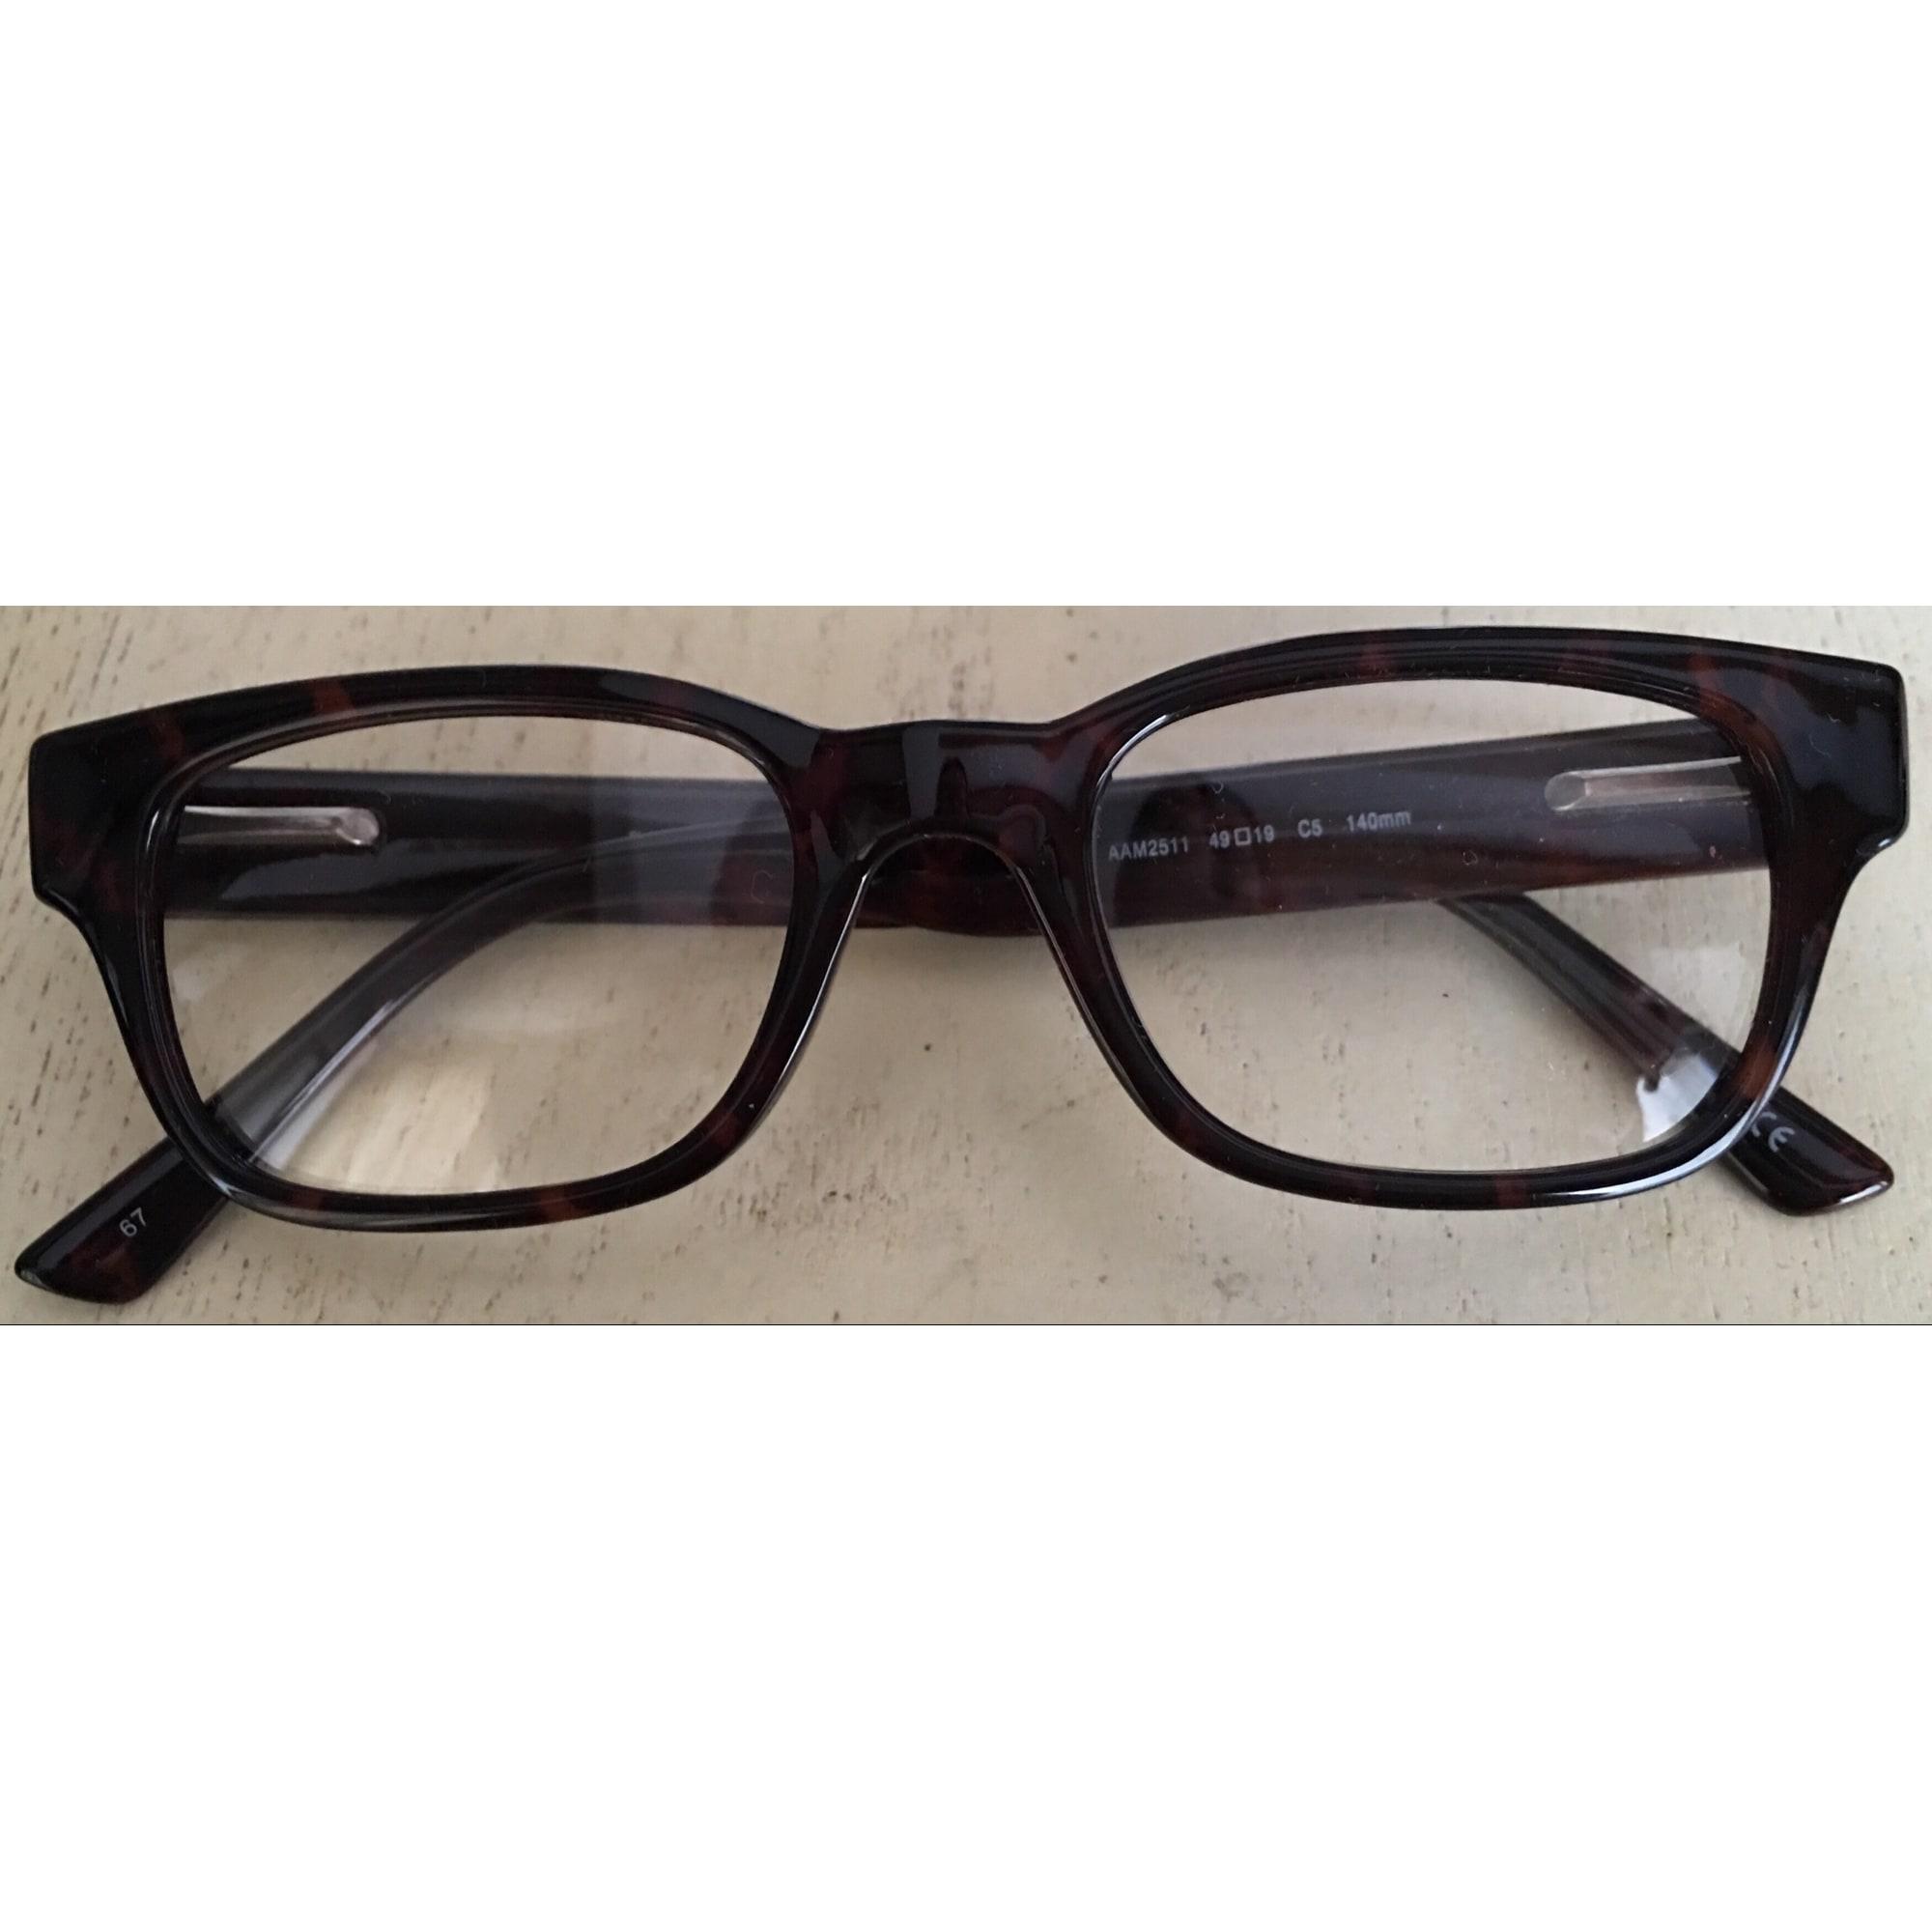 Monture de lunettes ALAIN AFFLELOU marron vendu par Sabine 1734 ... 816e265409c5